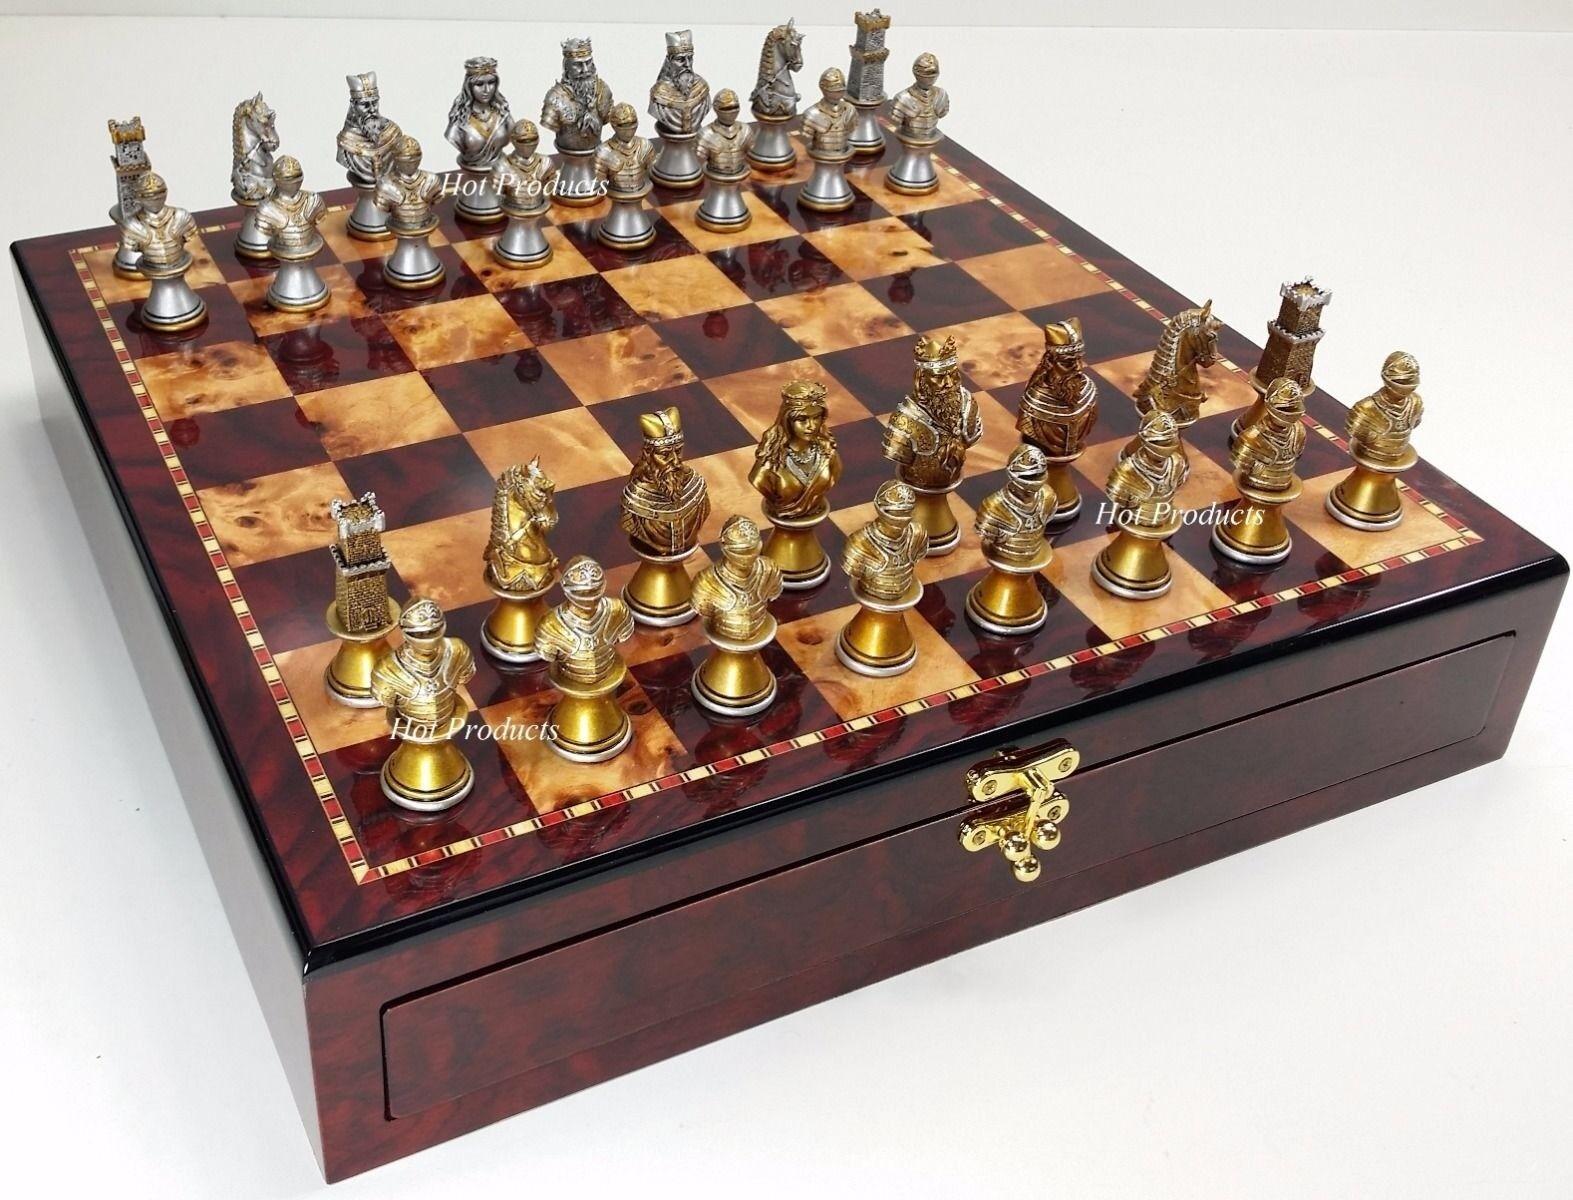 Moyen âge croisades bustes Argent Or Chess Set W cerise couleur de conservation Board